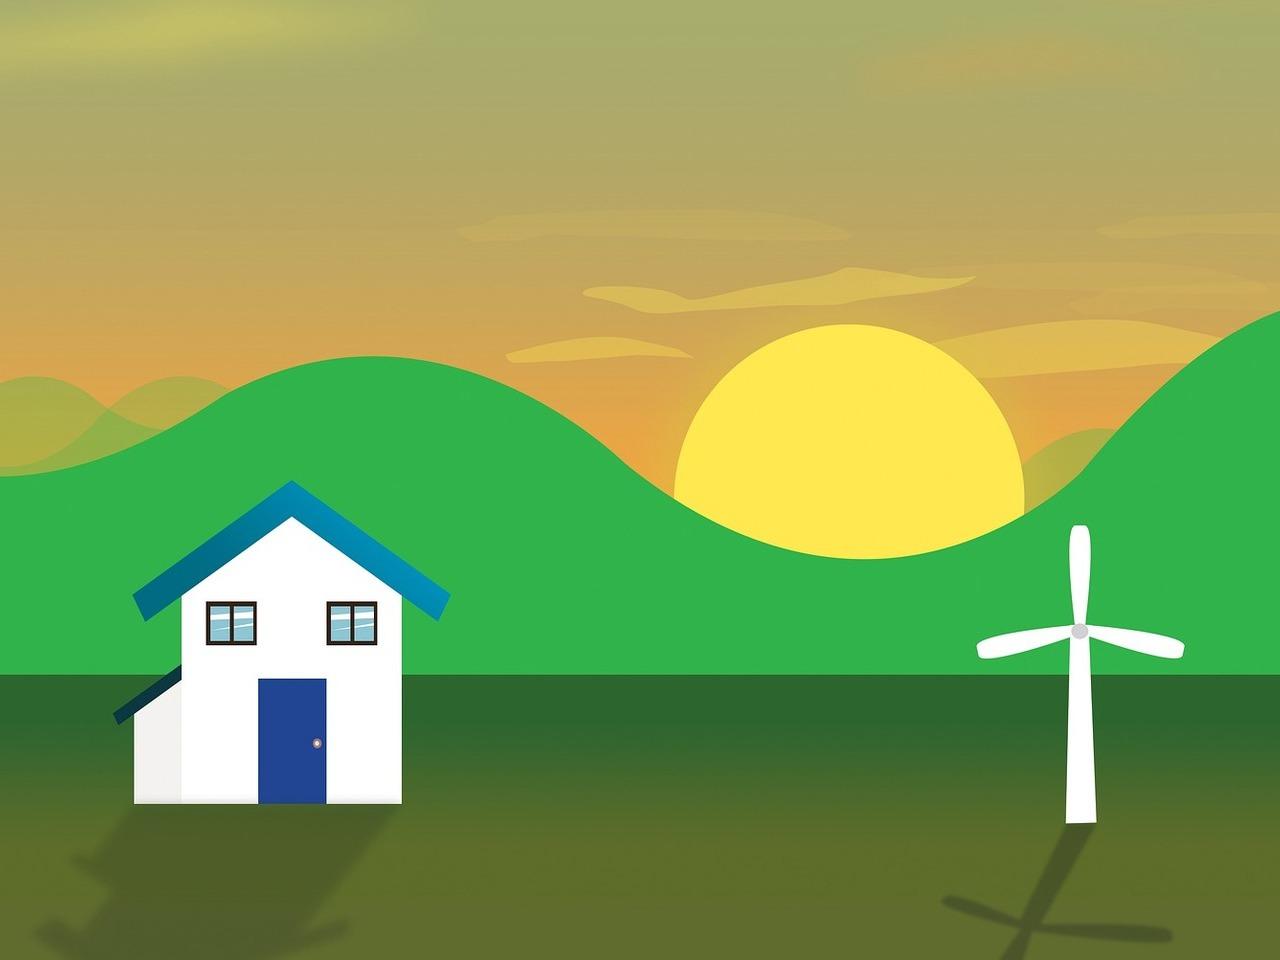 disegno-di-casa-in-collina-con-pala-eolica-bonus